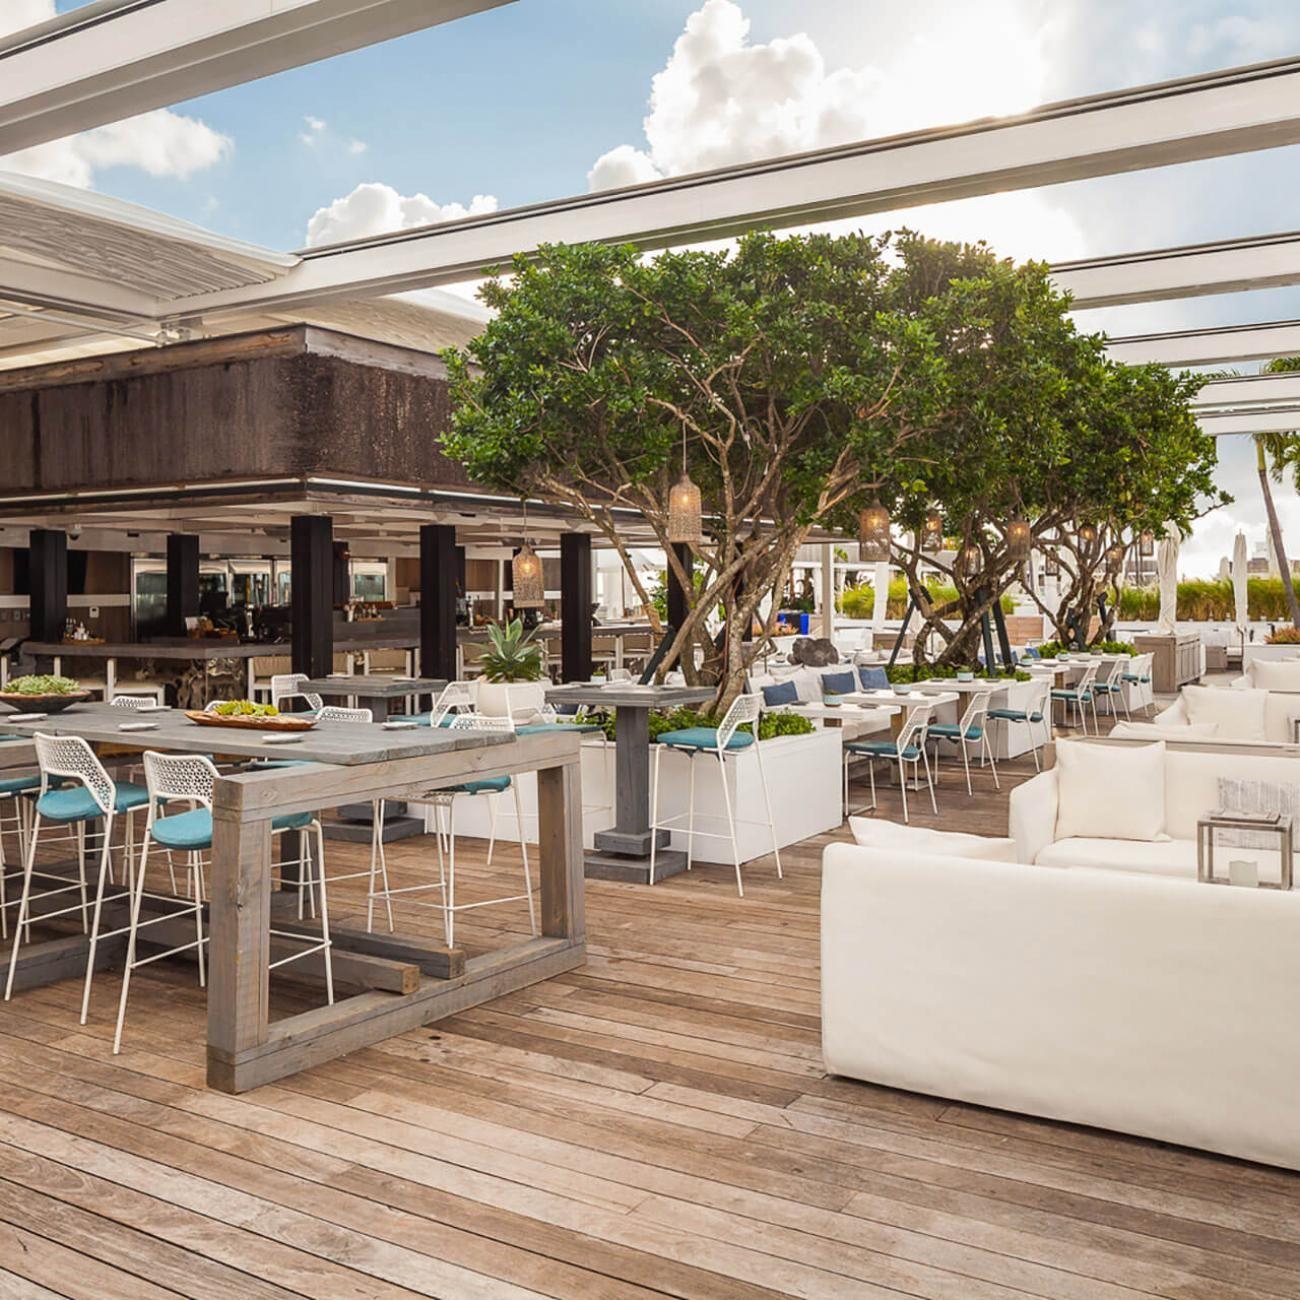 South Beach Restaurants 1 Hotel South Beach South Beach Hotels South Beach Restaurants South Beach